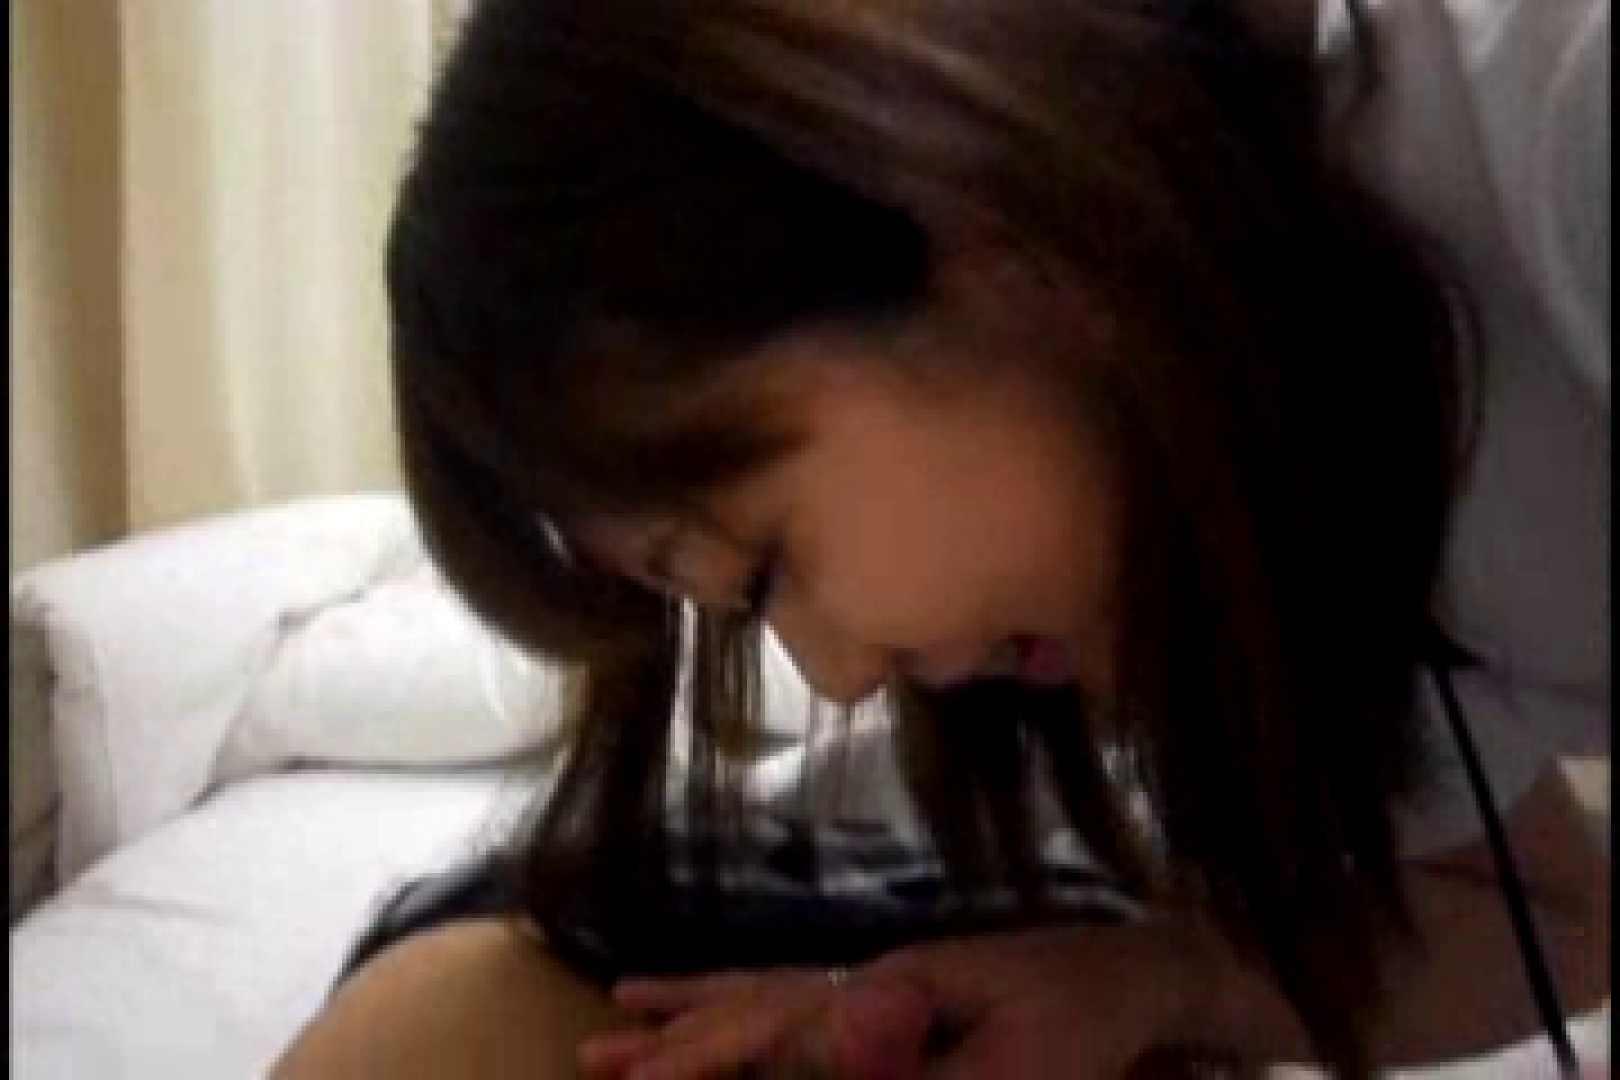 ヤリマンと呼ばれた看護士さんvol1 シックスナイン  21連発 16